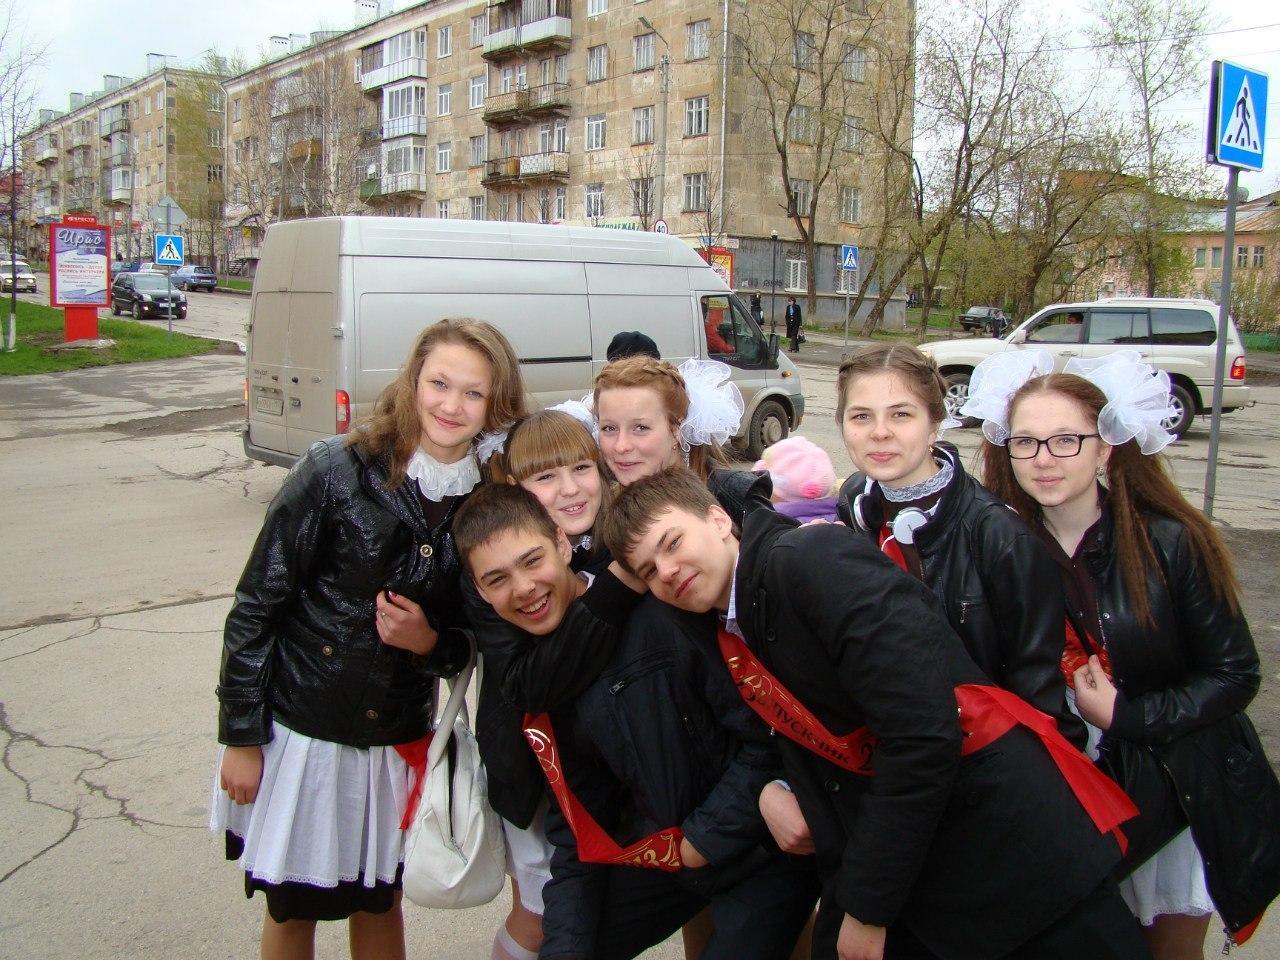 Школьницы одетые раздетые онлайн в хорошем hd 1080 качестве фотоография